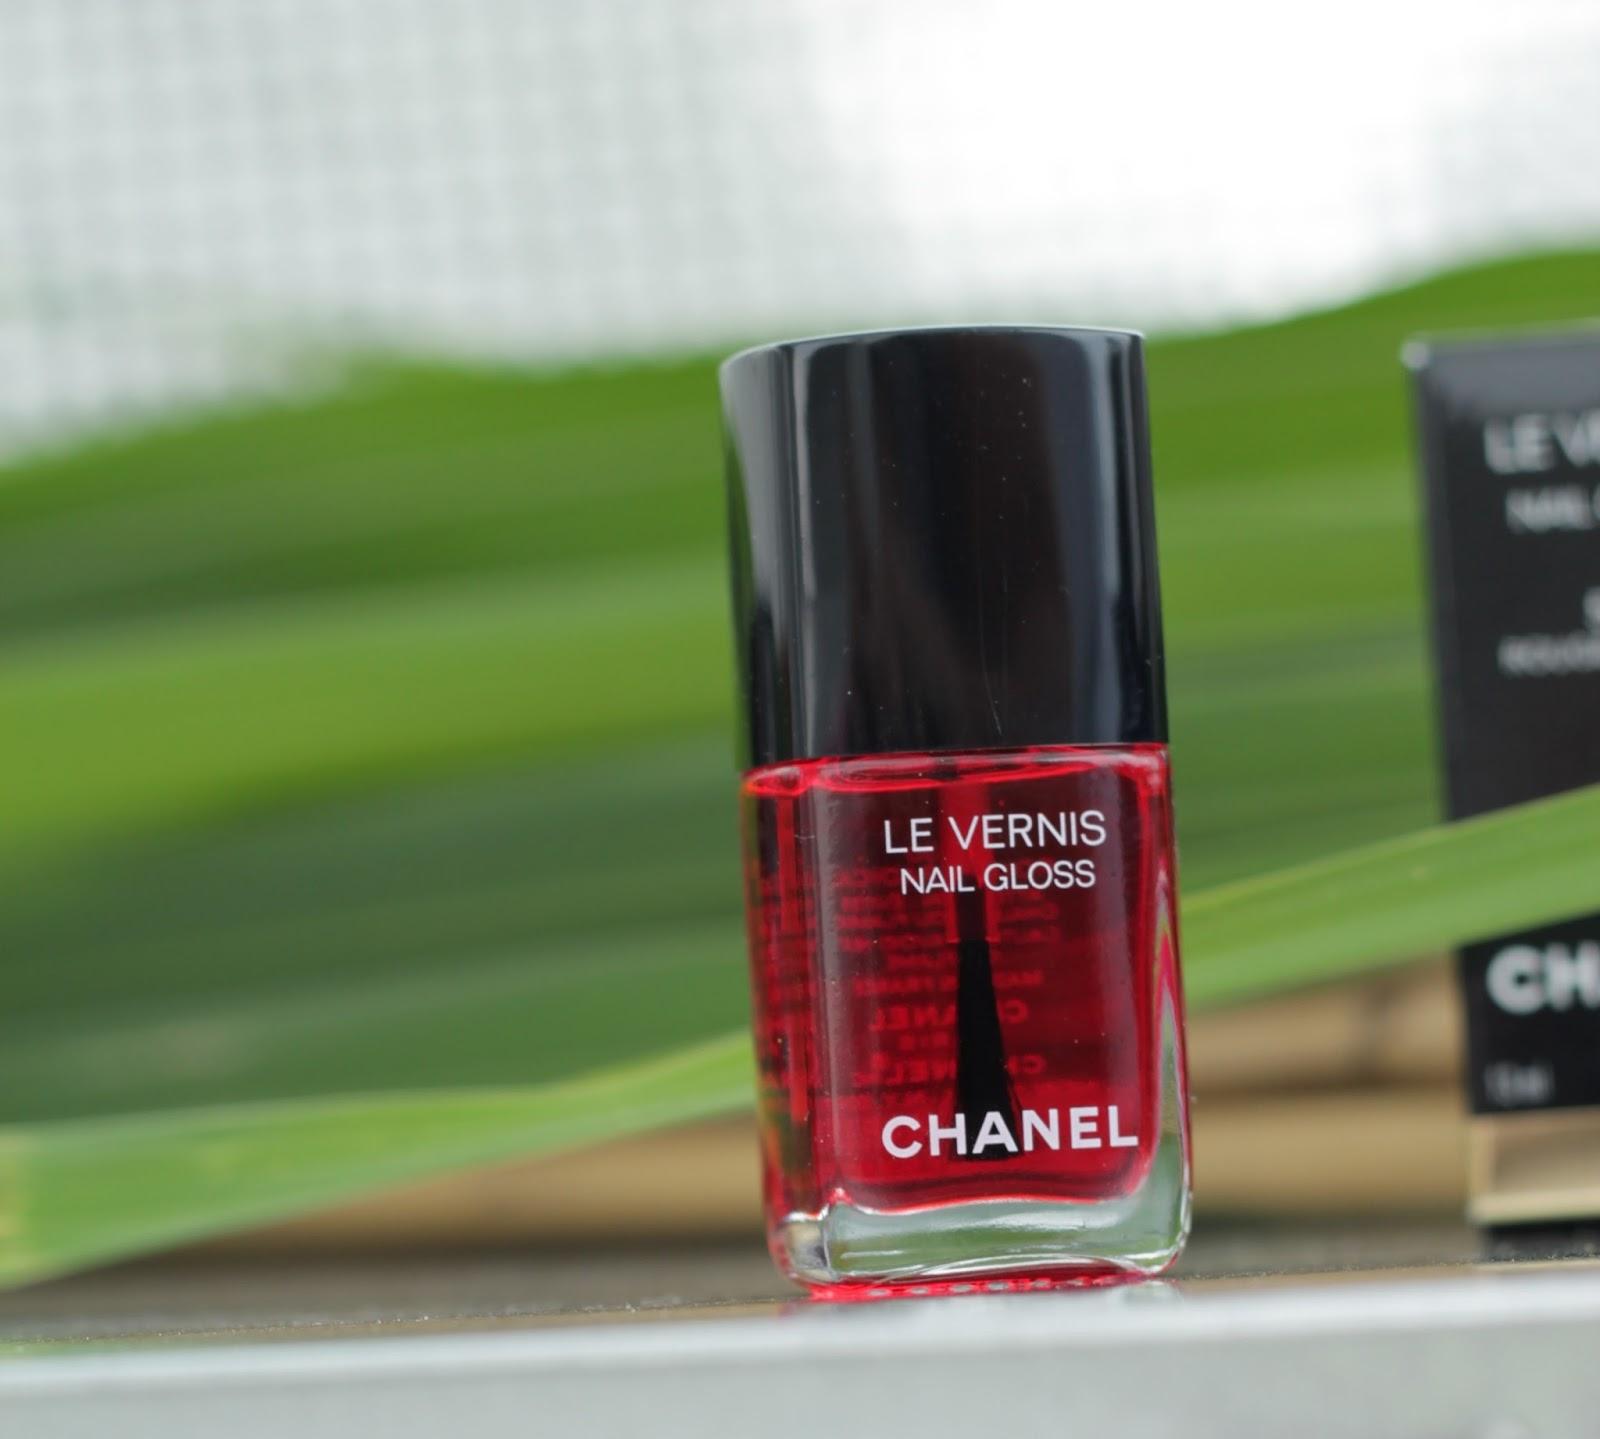 Gemütlich Chanel Nagellackfarben 2016 Zeitgenössisch - Nagellack ...